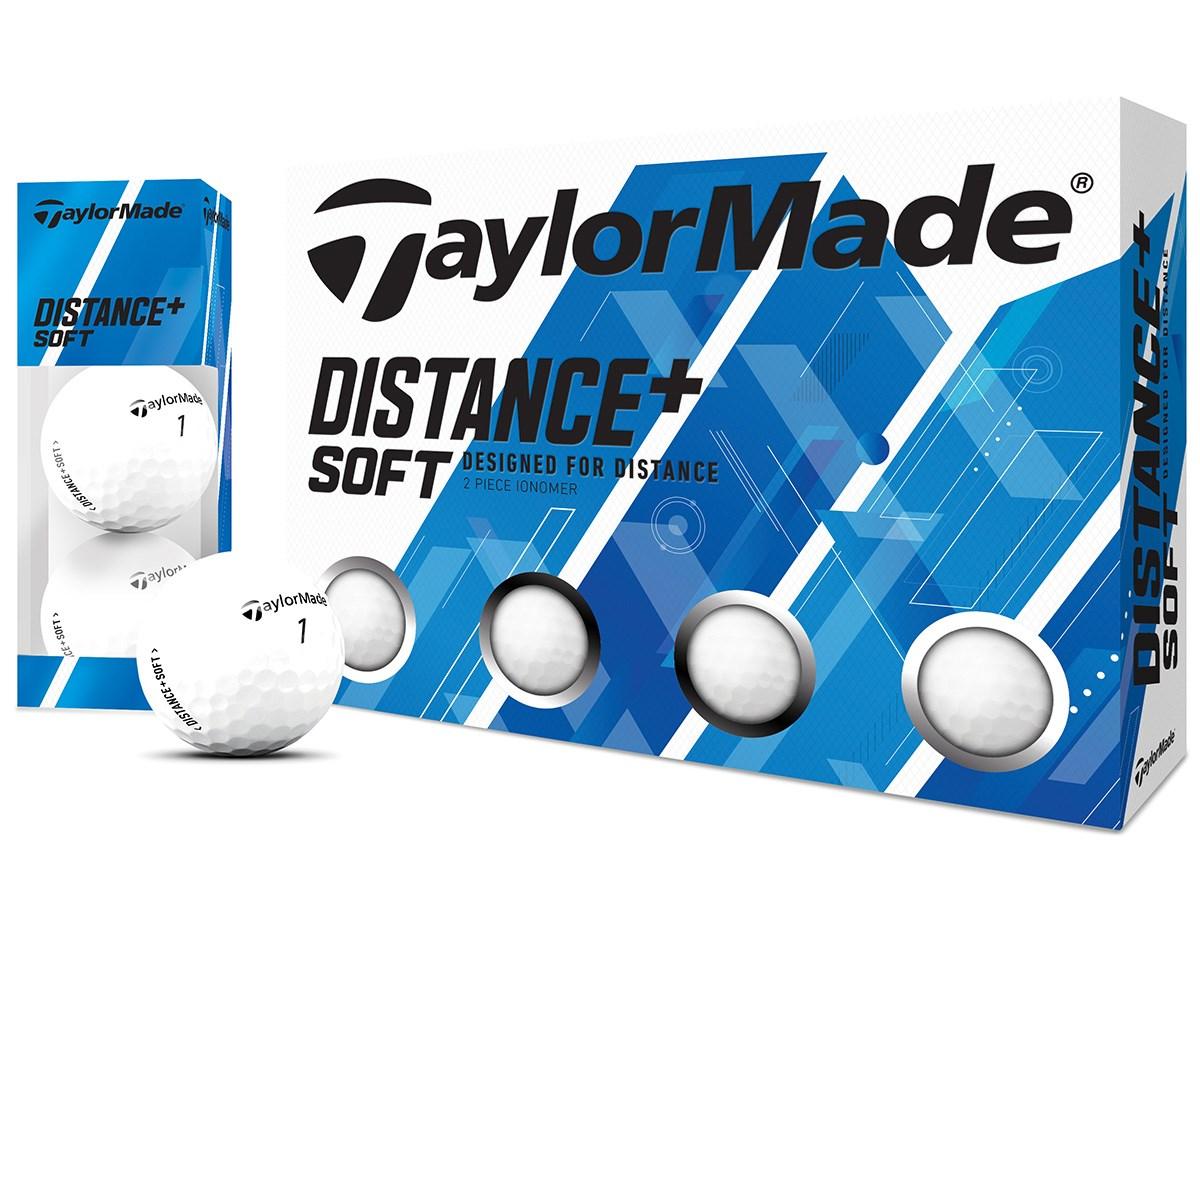 テーラーメイド DISTANCE+ Distance+Soft ボール 3ダースセット 3ダース(36個入り) ホワイト